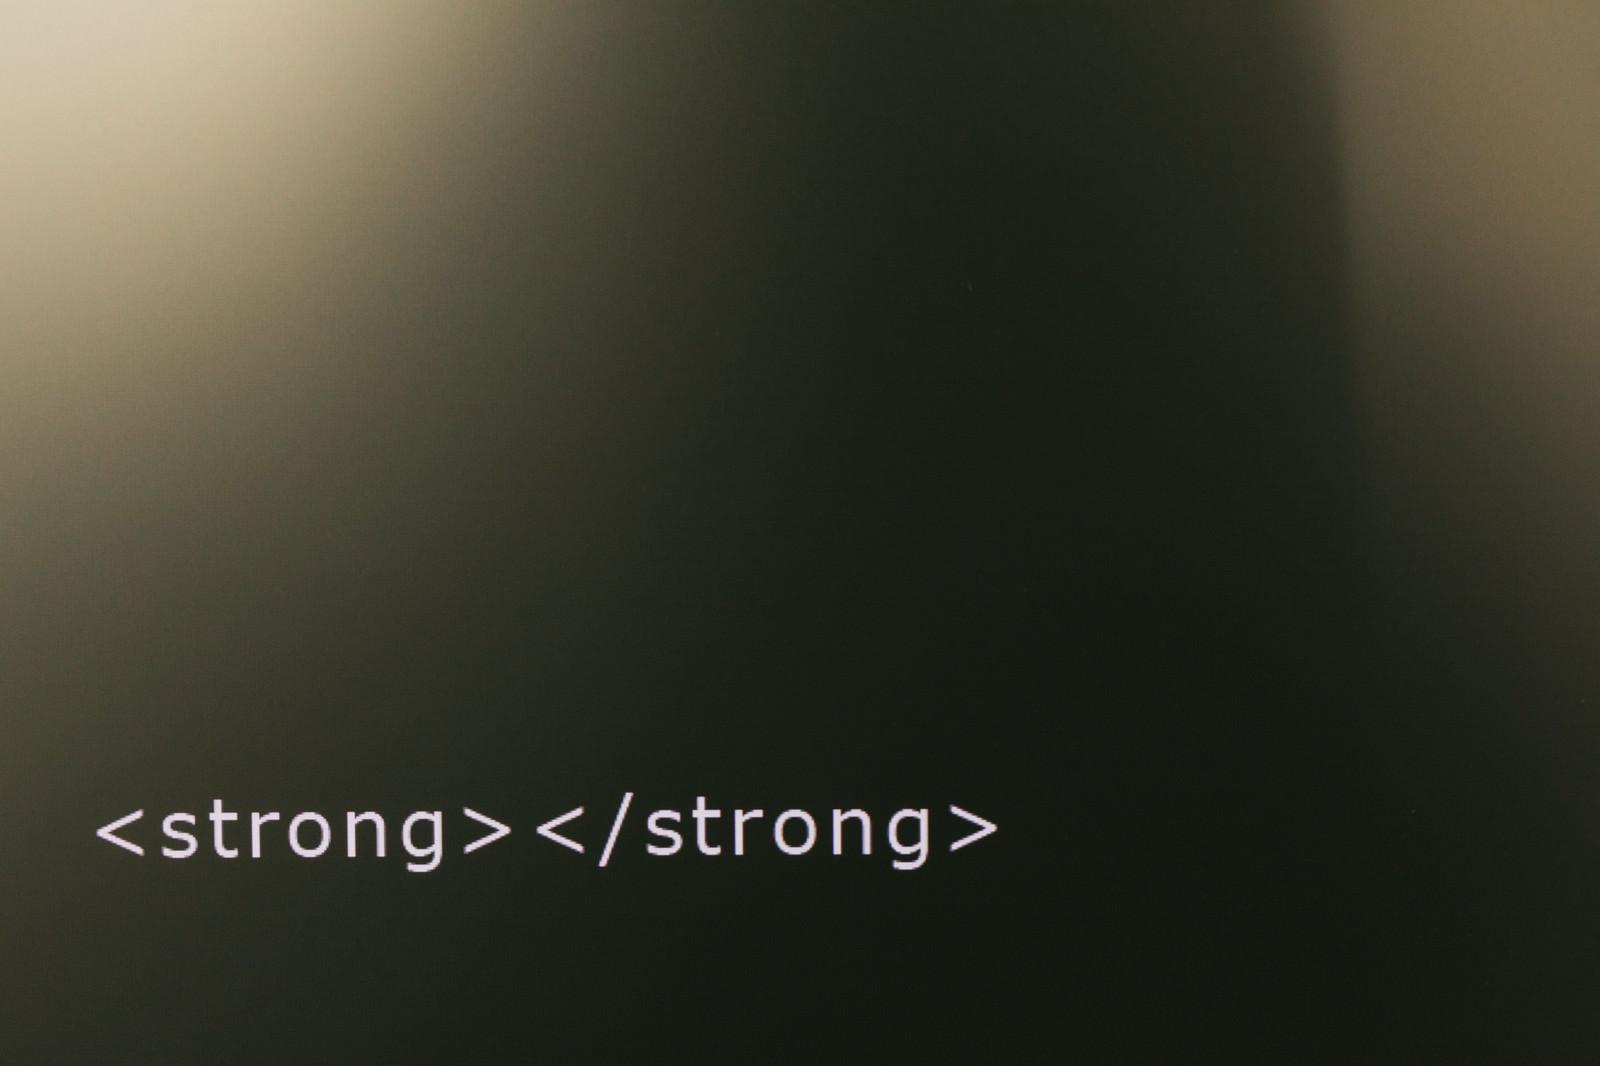 「強調してないストロングタグ強調してないストロングタグ」のフリー写真素材を拡大